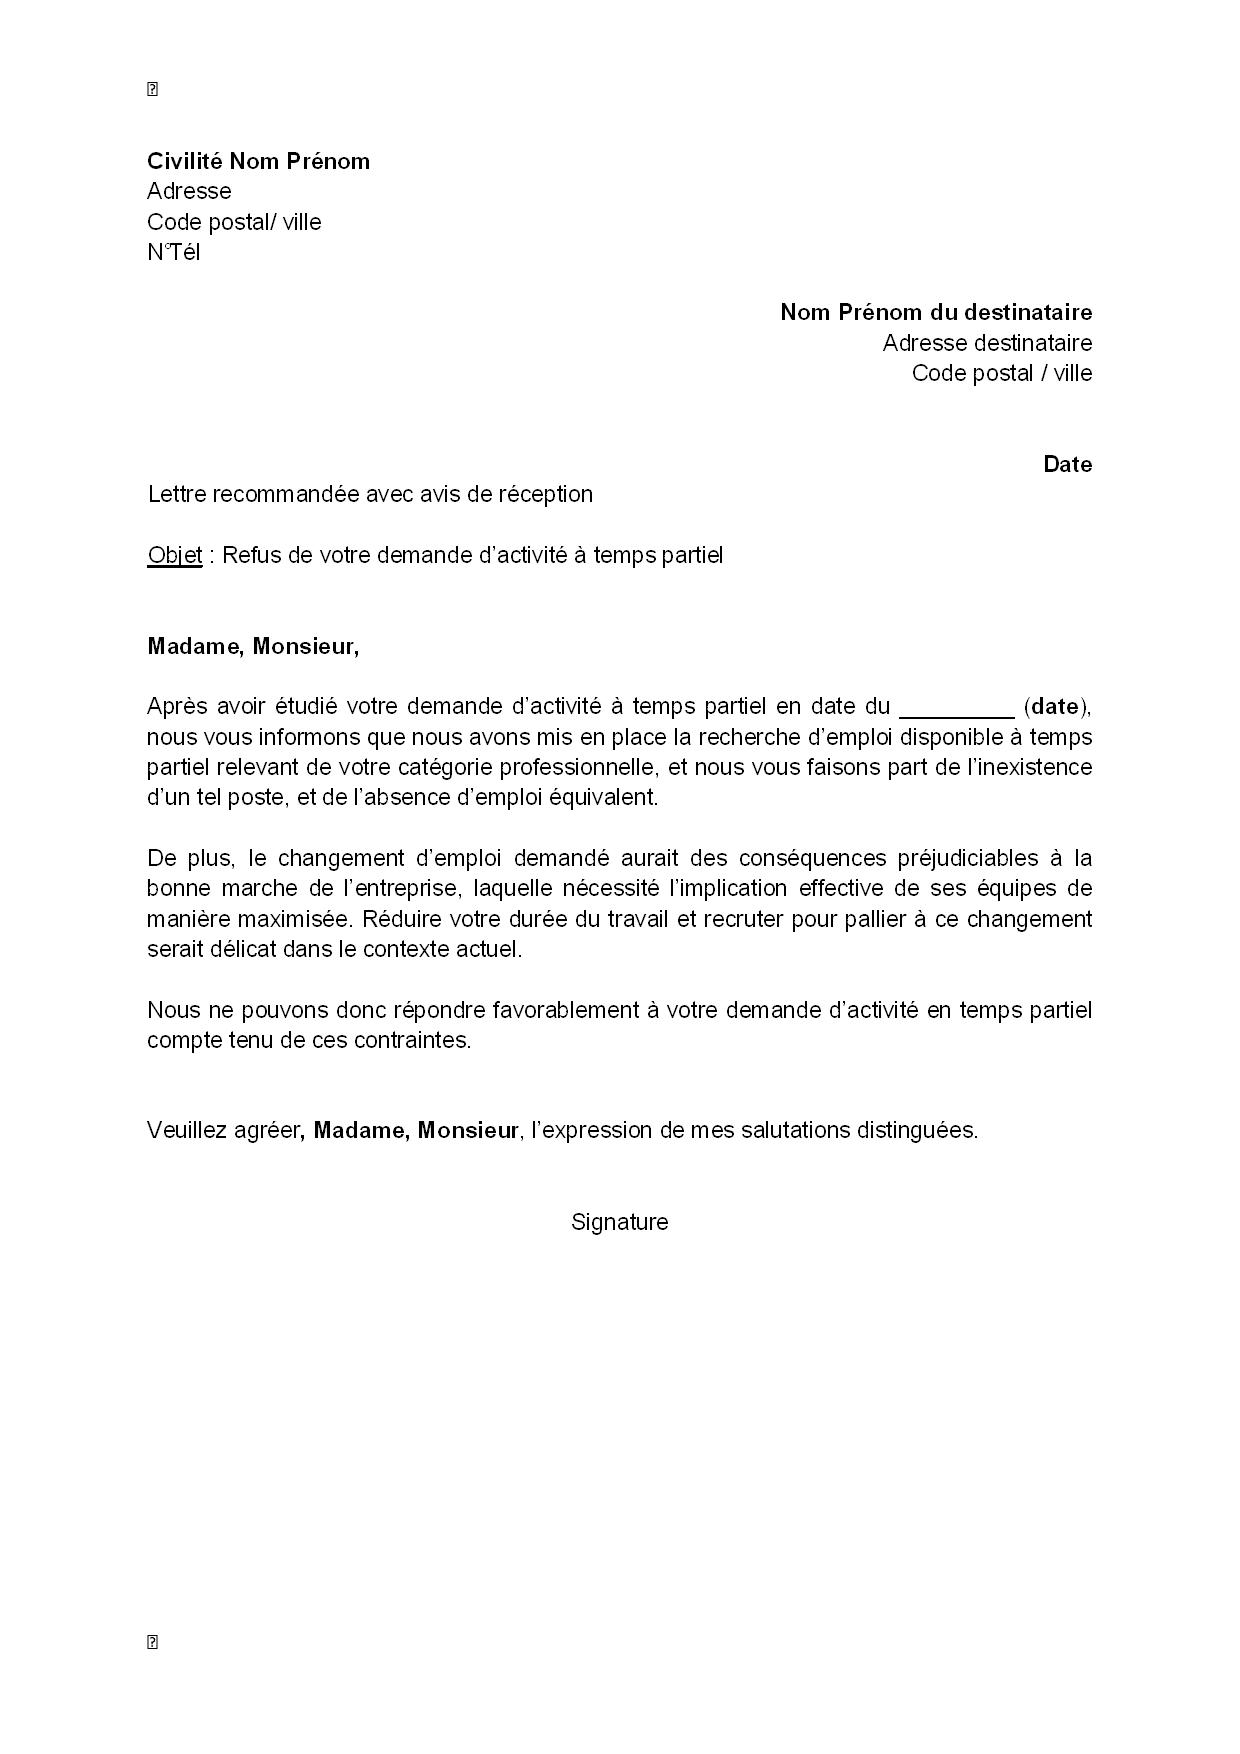 lettre de refus  par l u0026 39 employeur  de la demande d u0026 39 activit u00e9  u00e0 temps partiel du salari u00e9